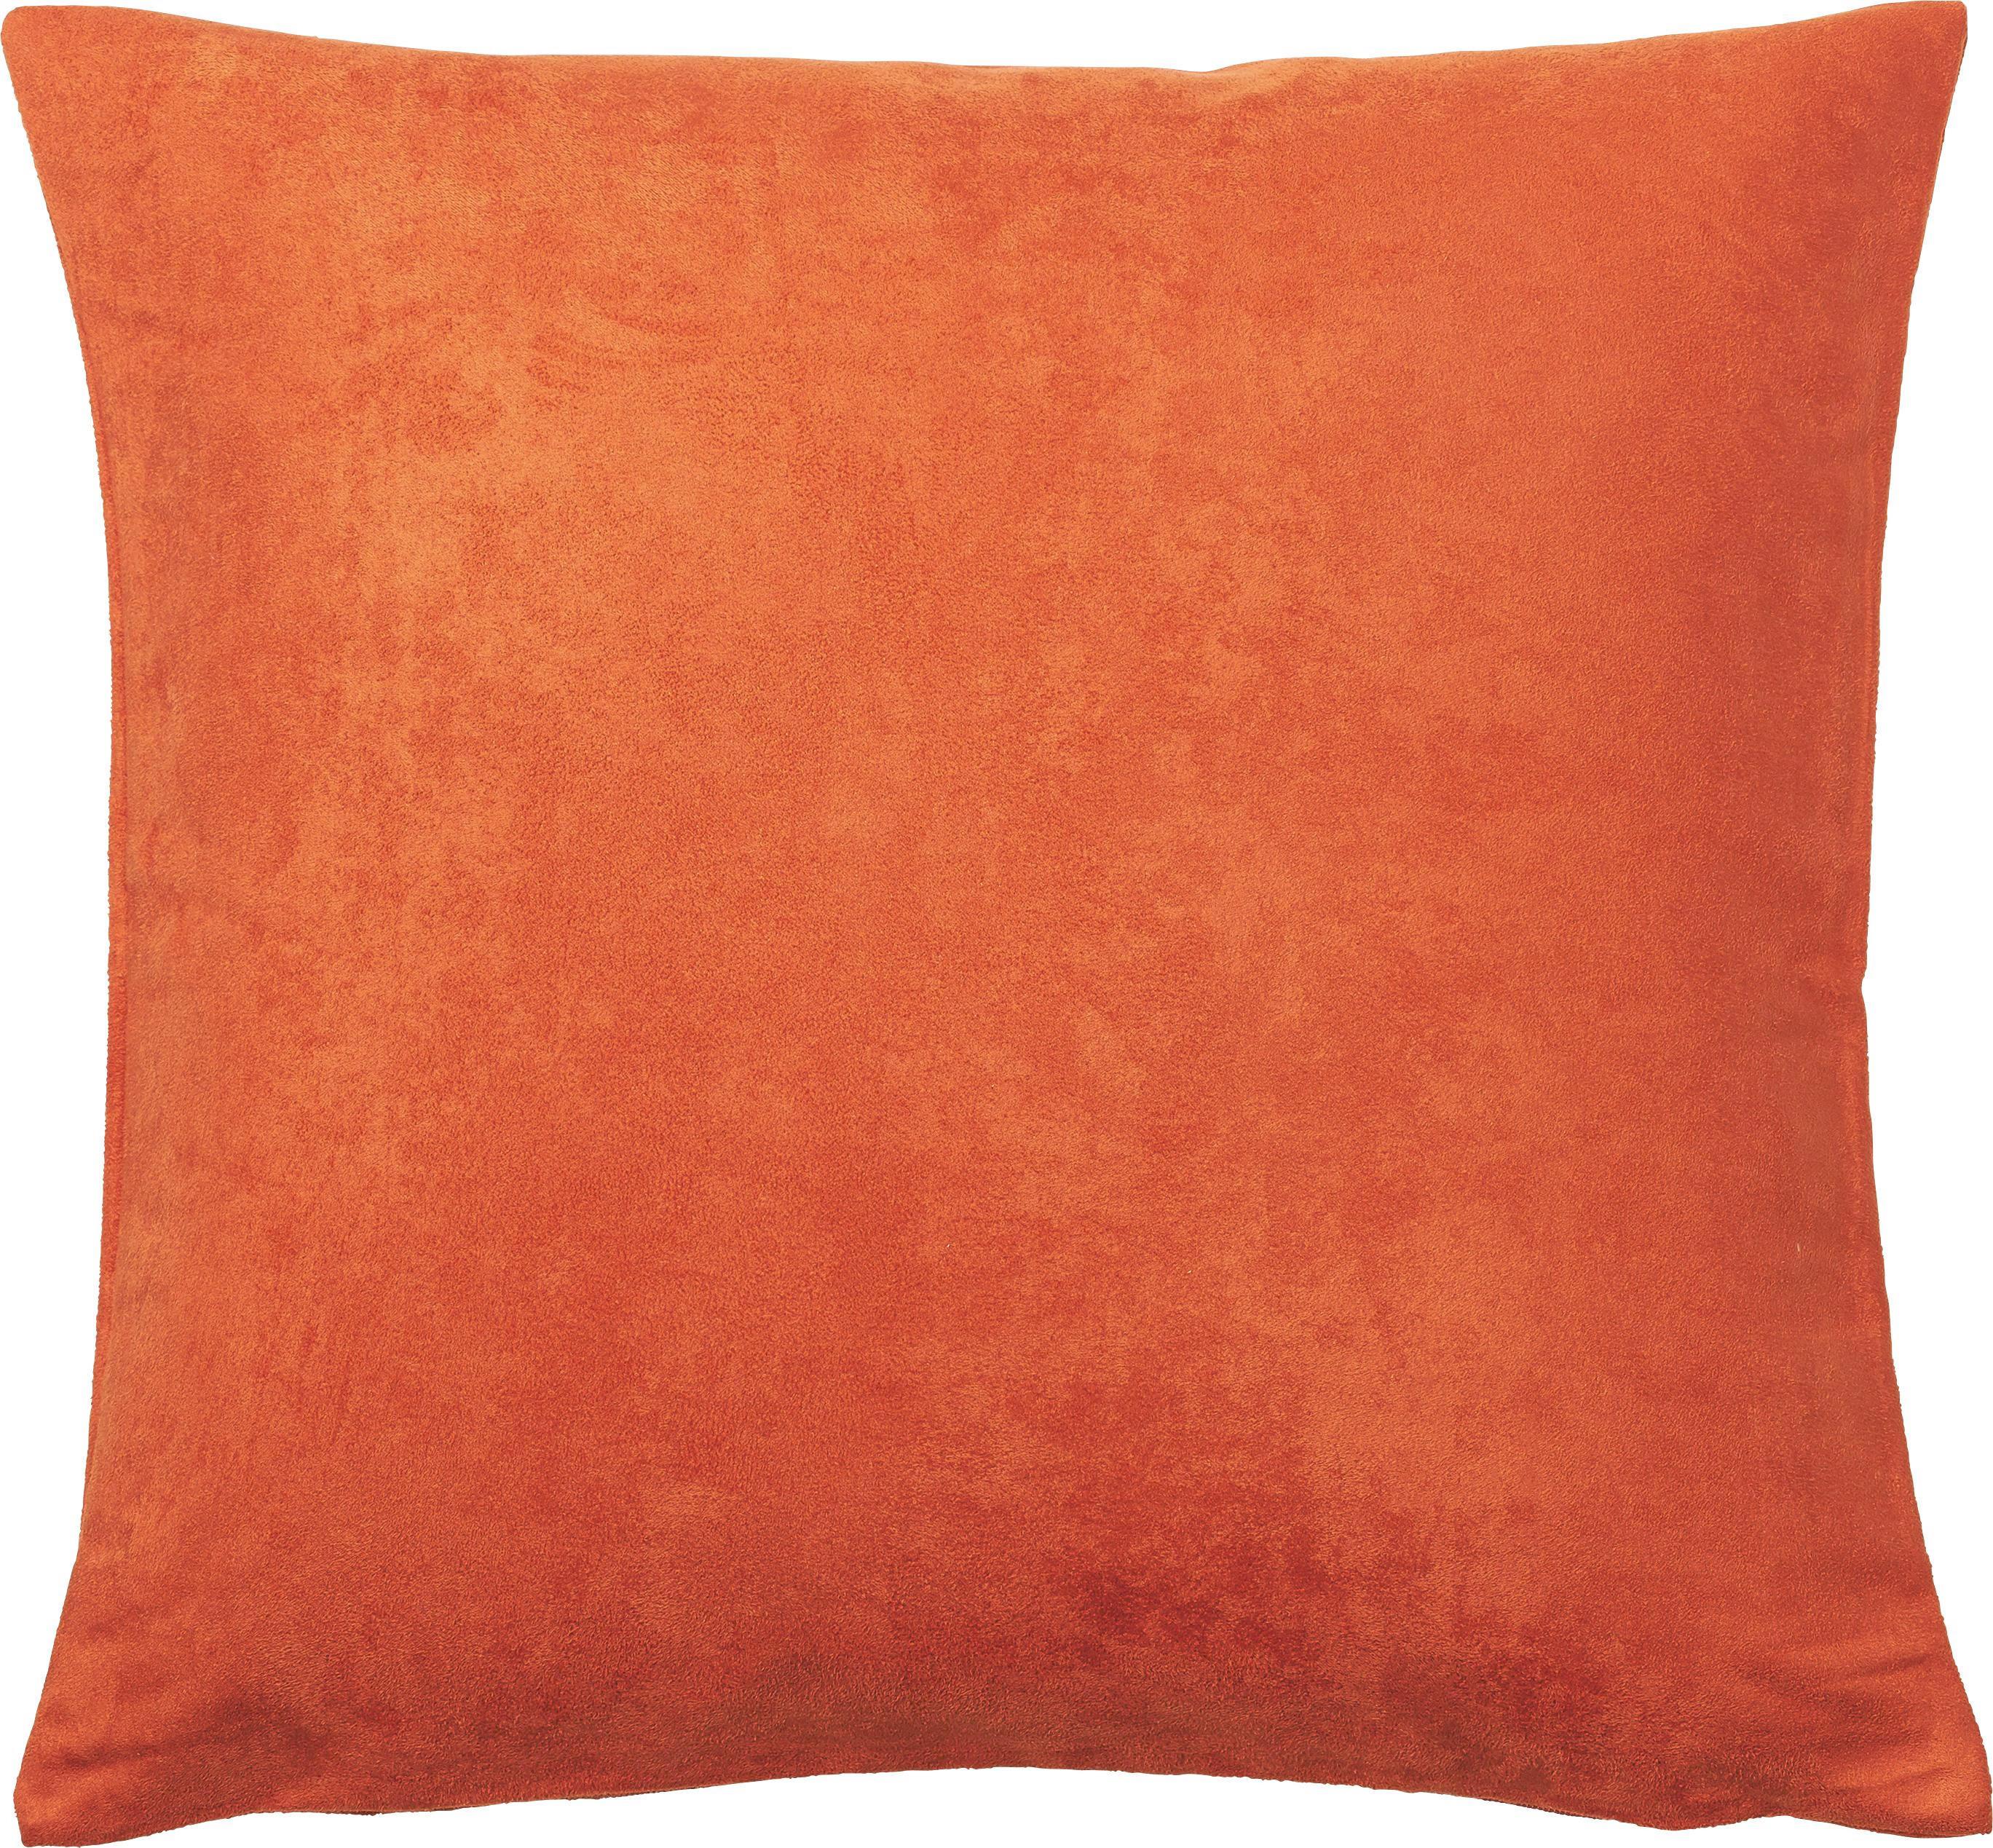 KISSENHÜLLE 40/40 cm - Orange, Basics, Textil (40/40cm) - NOVEL